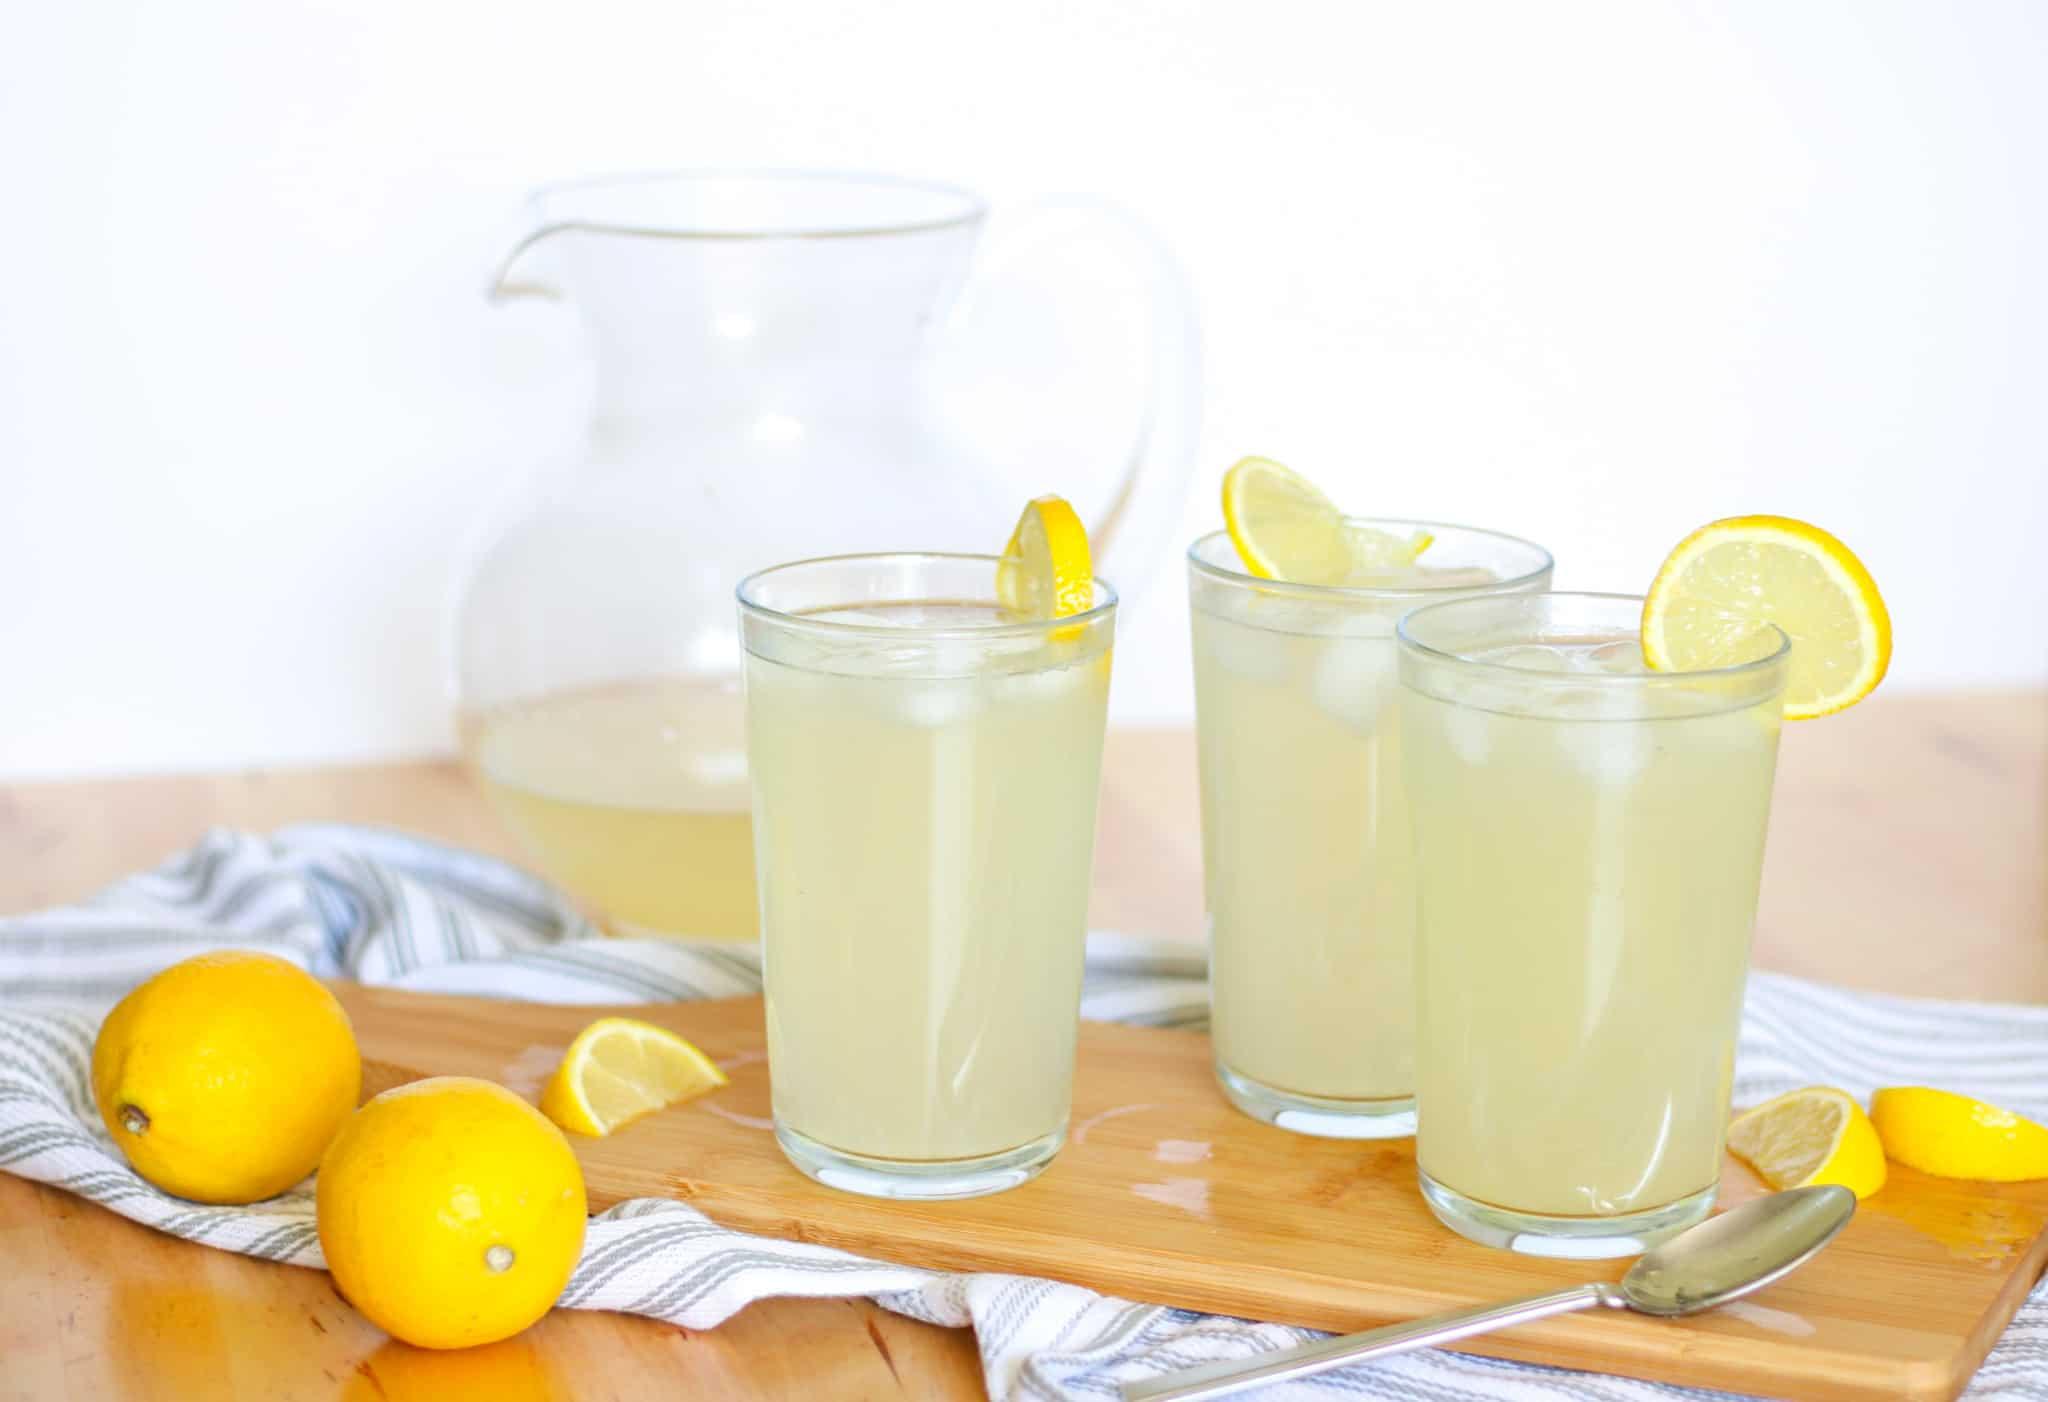 glasses of lemonade and lemons